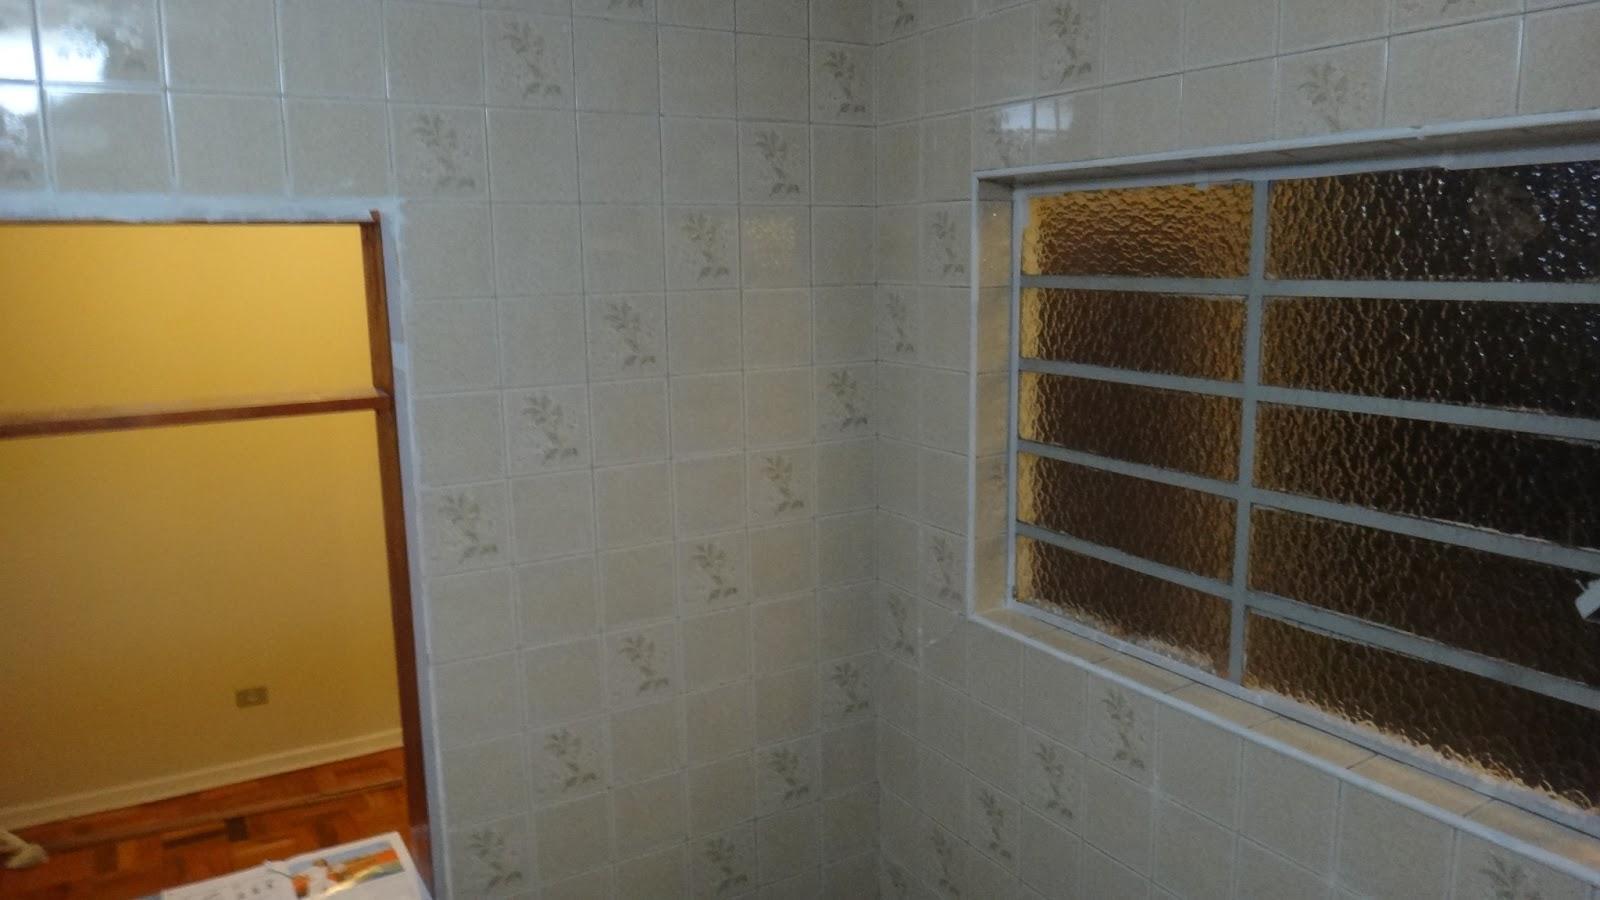 se esta casa fosse minha!?: SOS Cozinha! Pintando azulejos  #693A16 1600 900